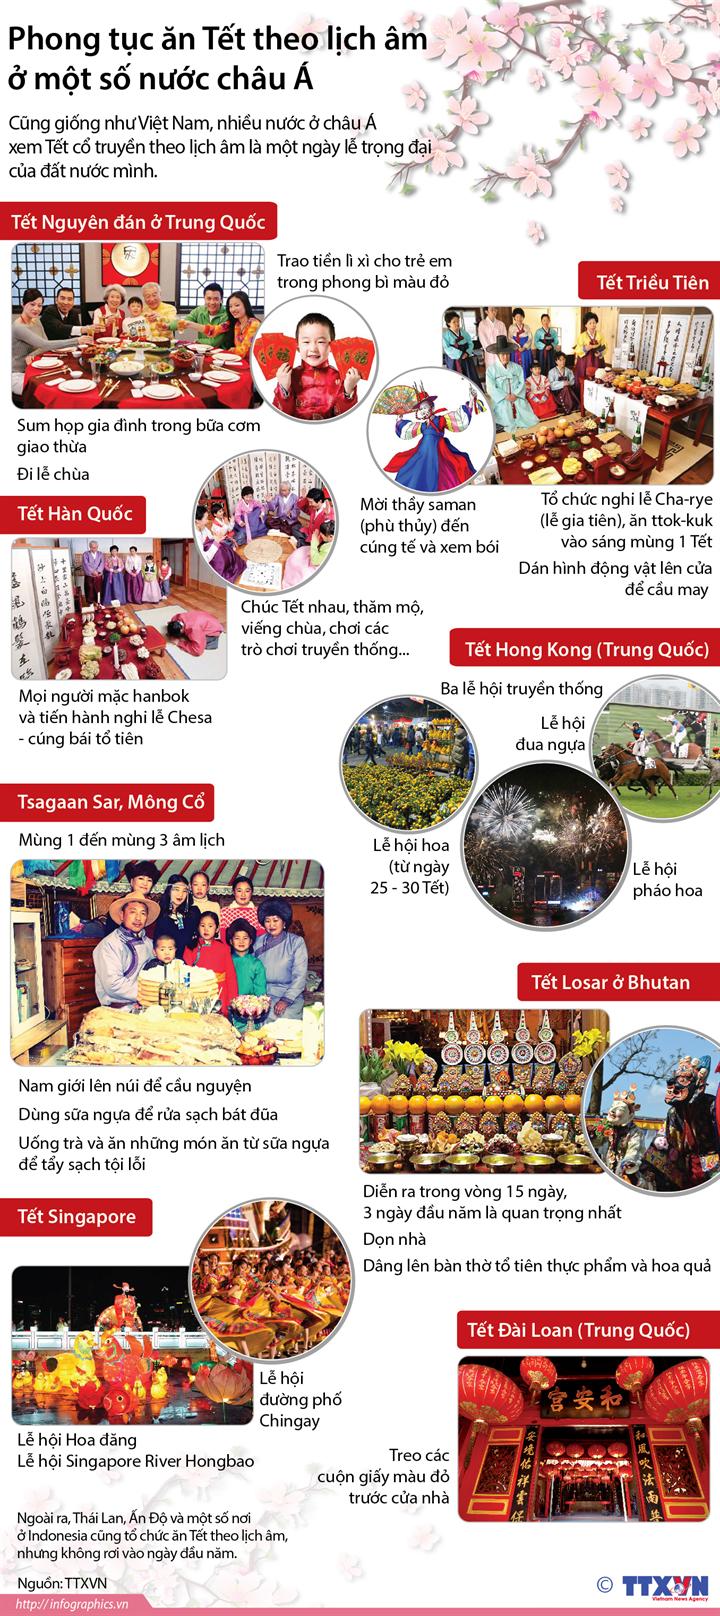 Phong tục ăn Tết theo lịch âm ở một số nước châu Á